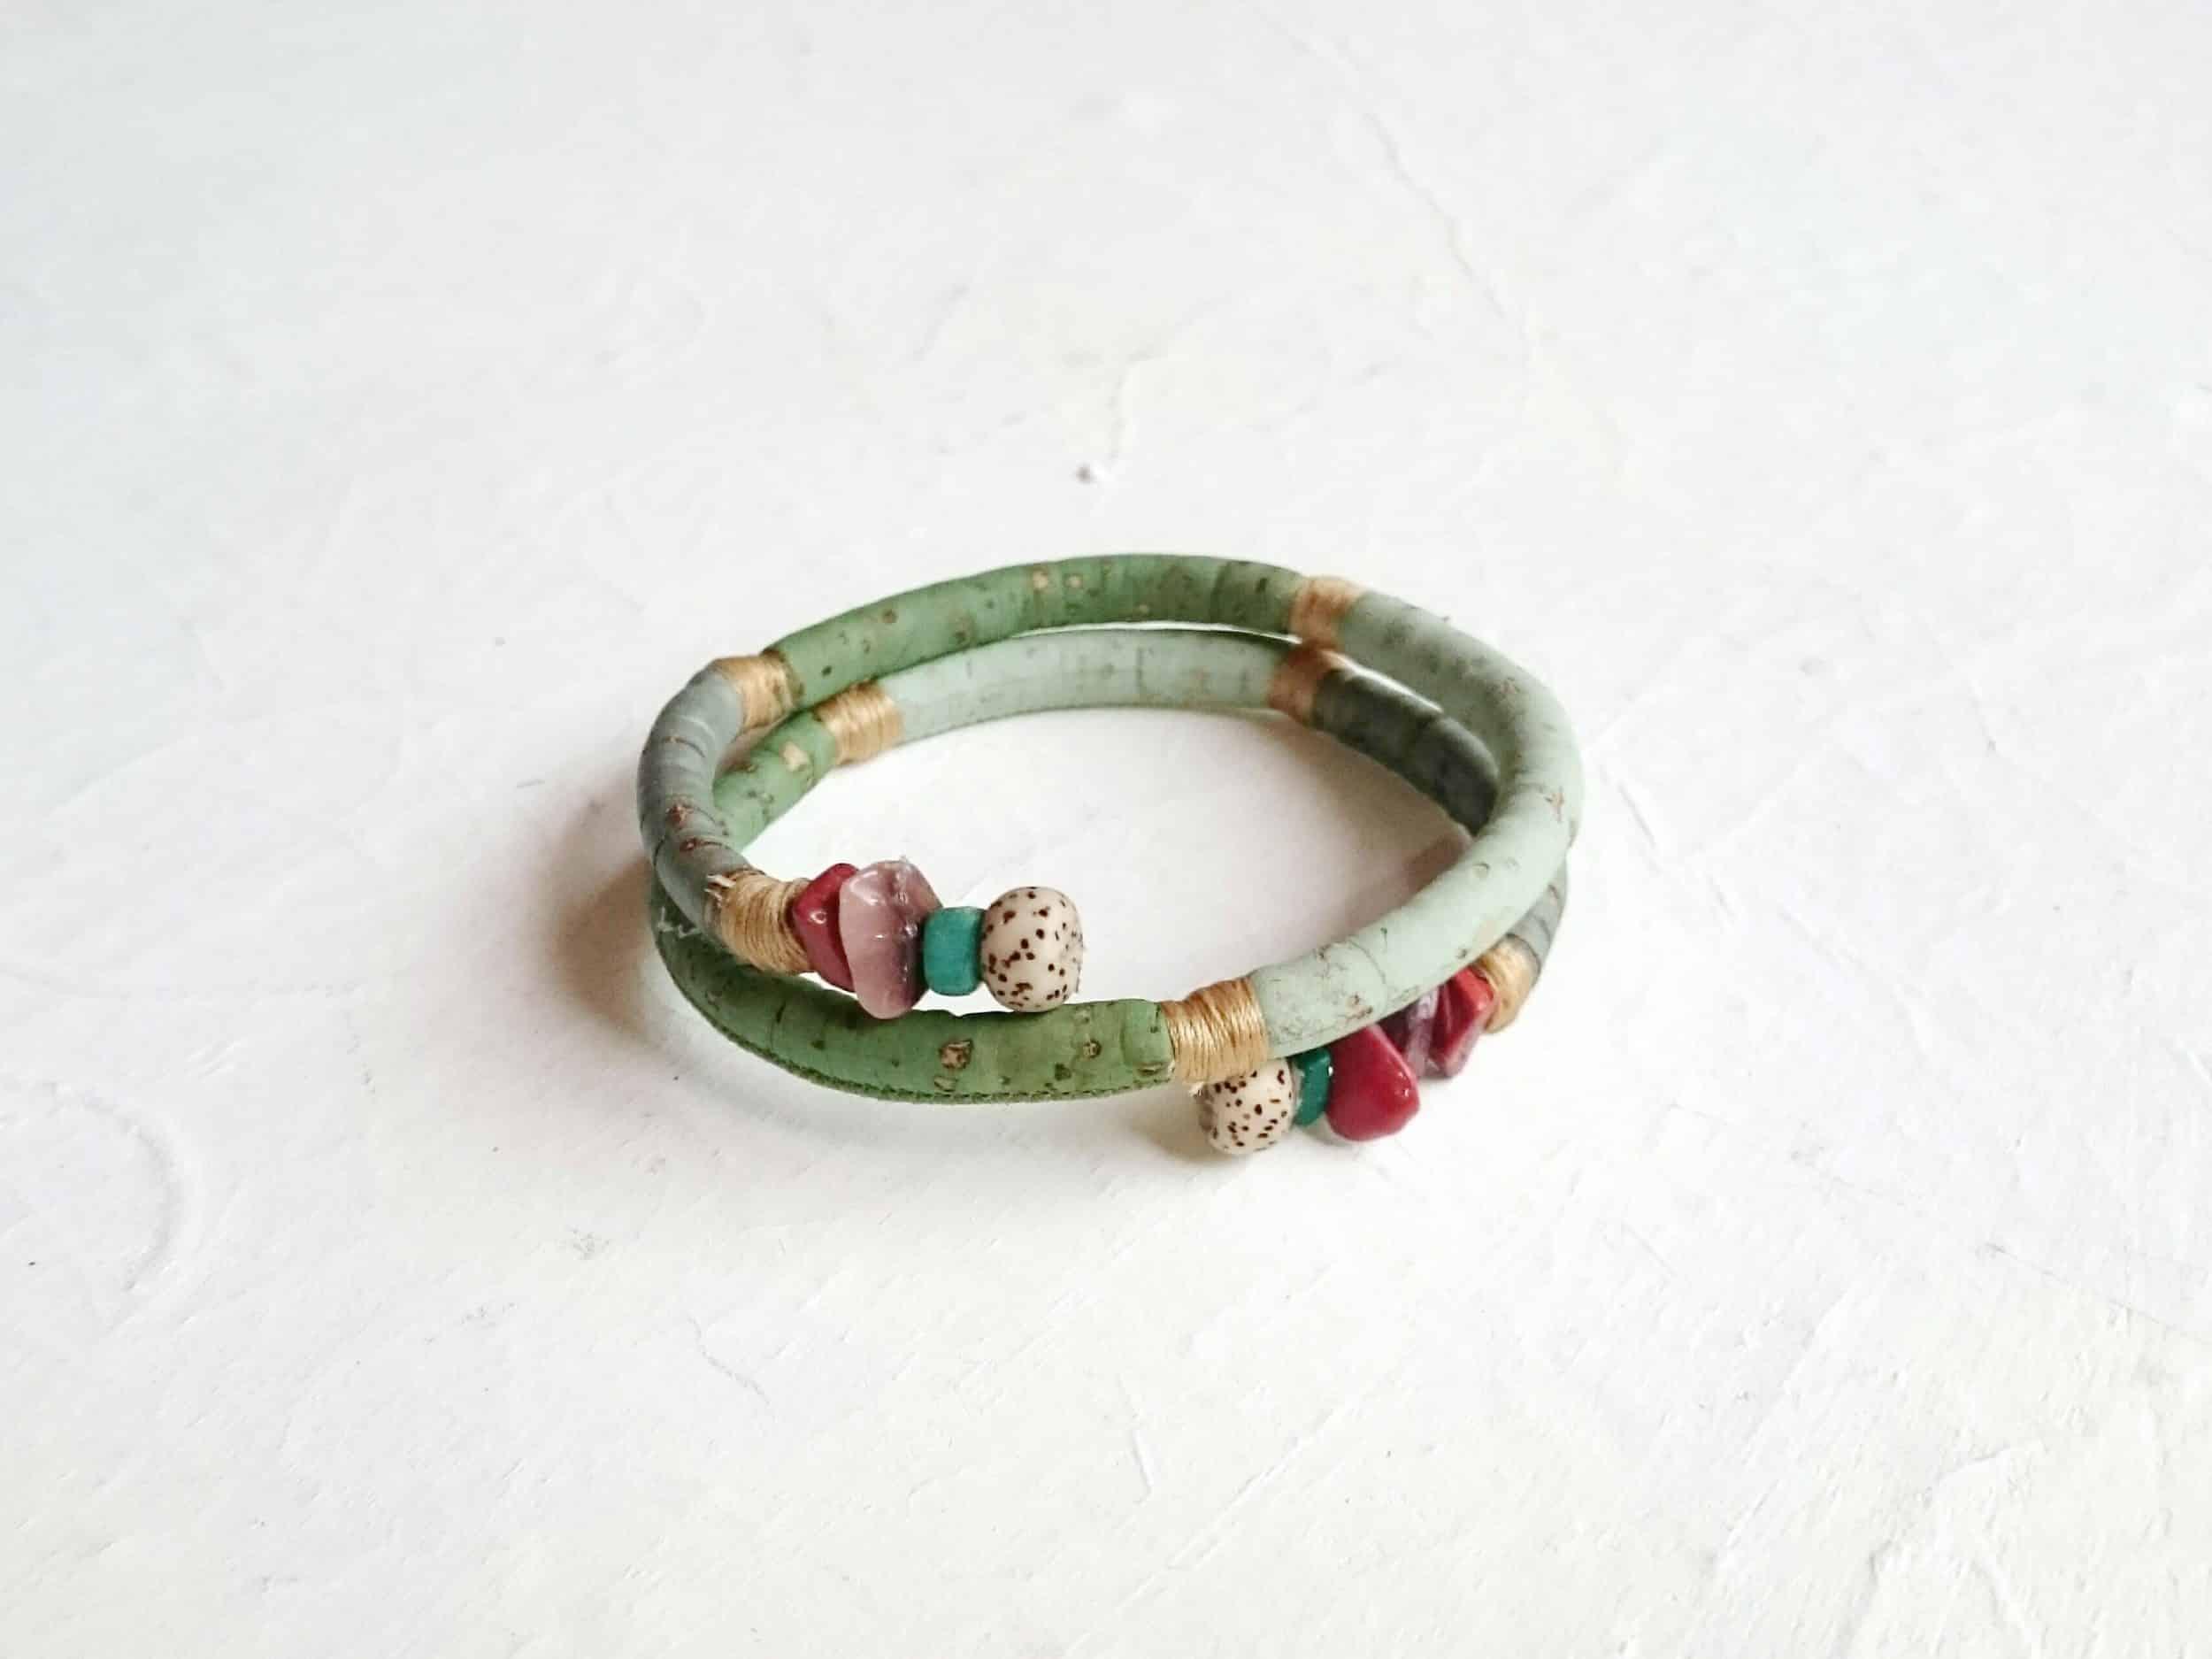 bracelet spirale en liège dans des tons vert aamnde avec quelques pierres turquoise, marron, beige à l'extrémité de la spirale